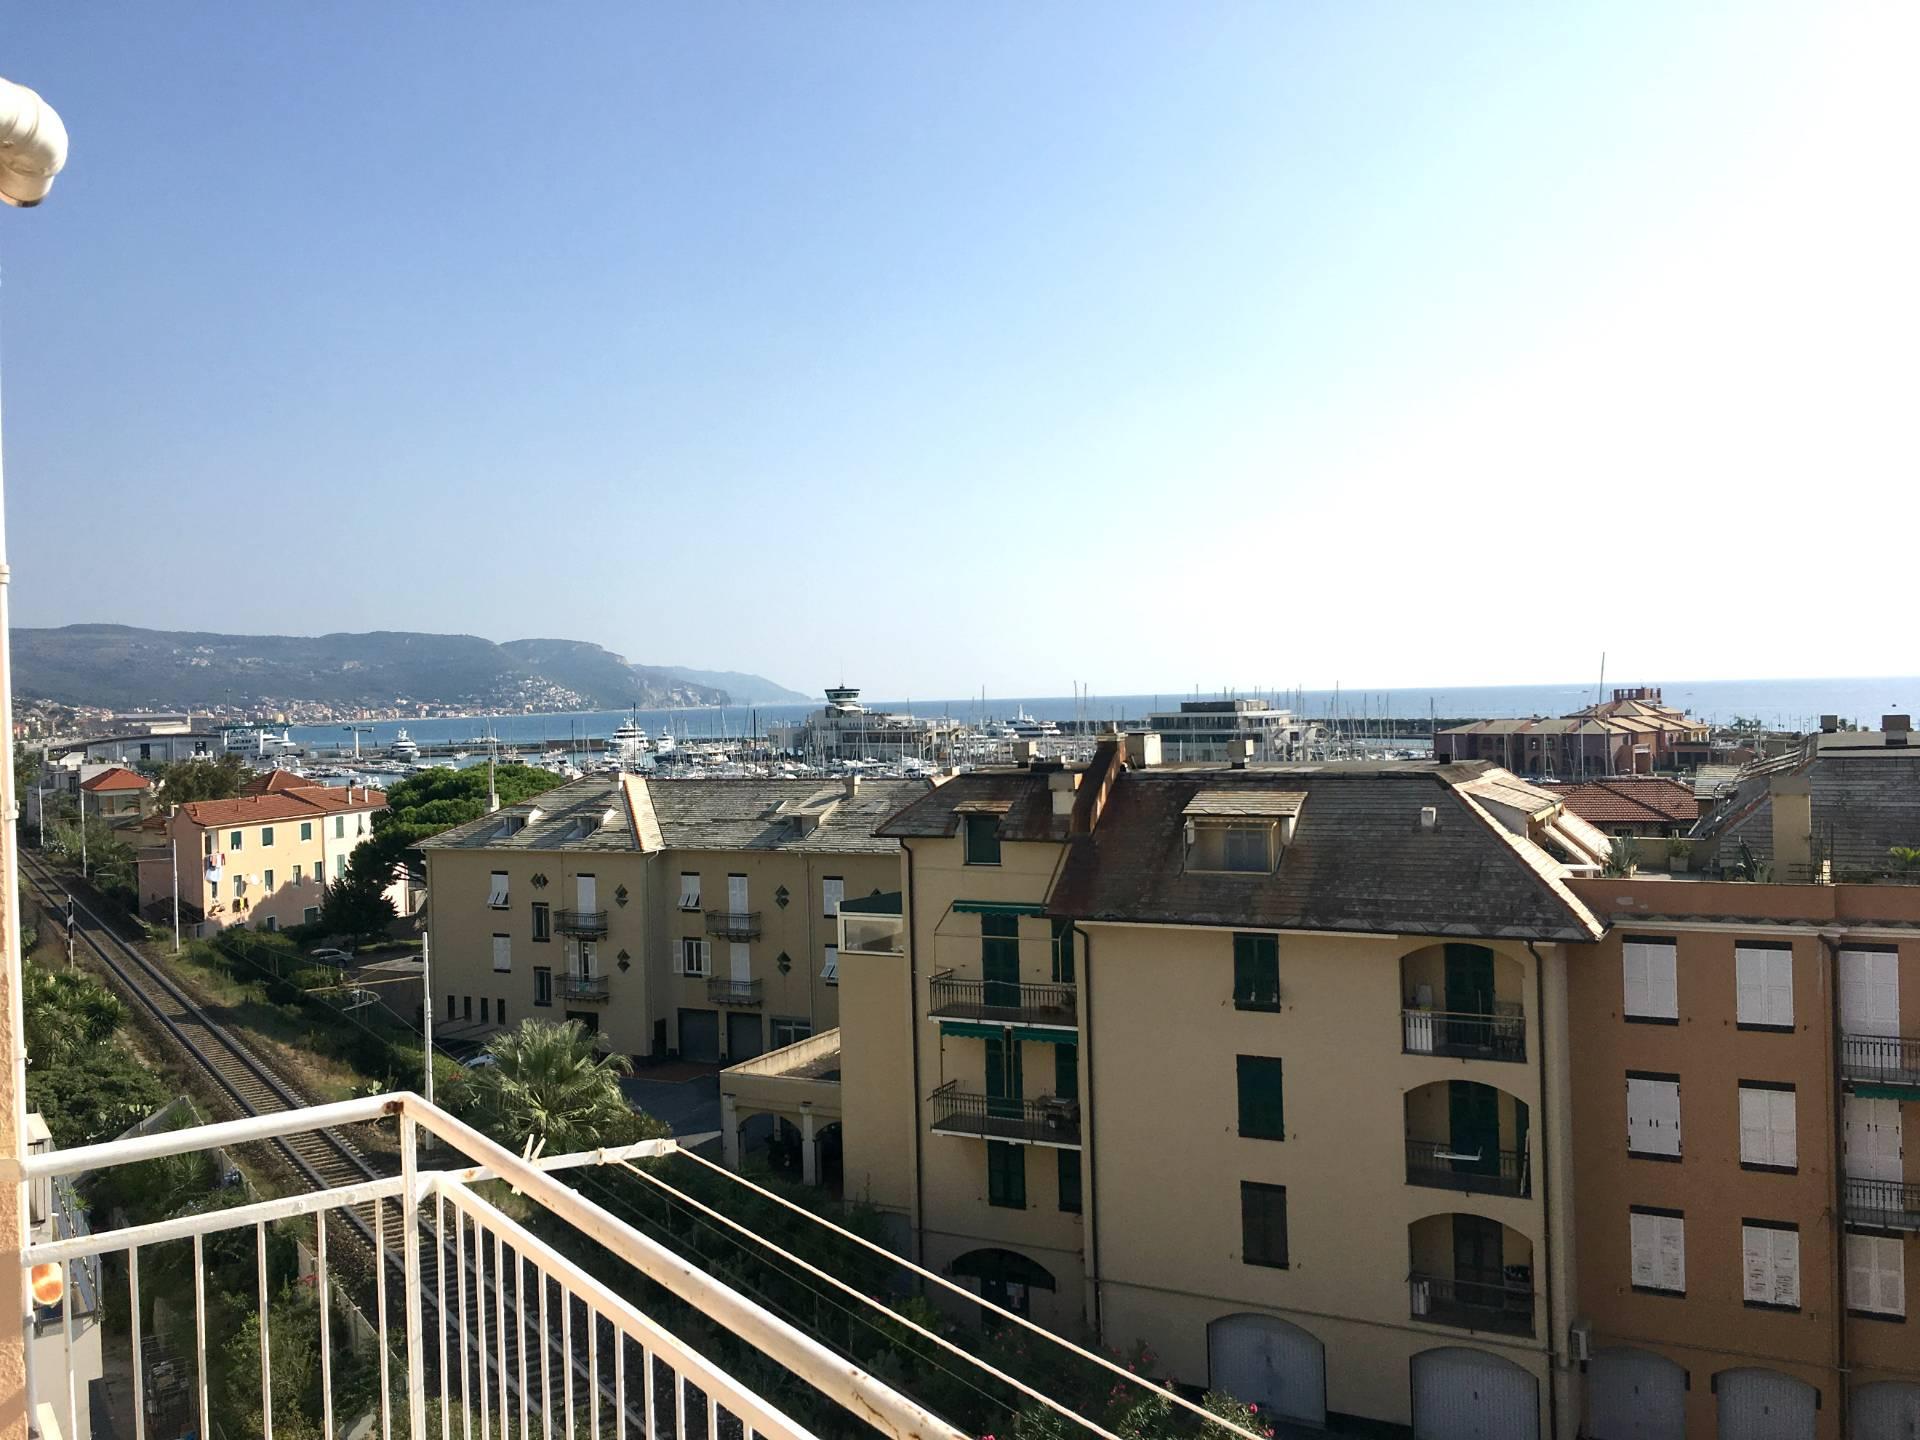 Appartamento in vendita a Loano, 3 locali, zona Località: Porto, prezzo € 380.000 | CambioCasa.it